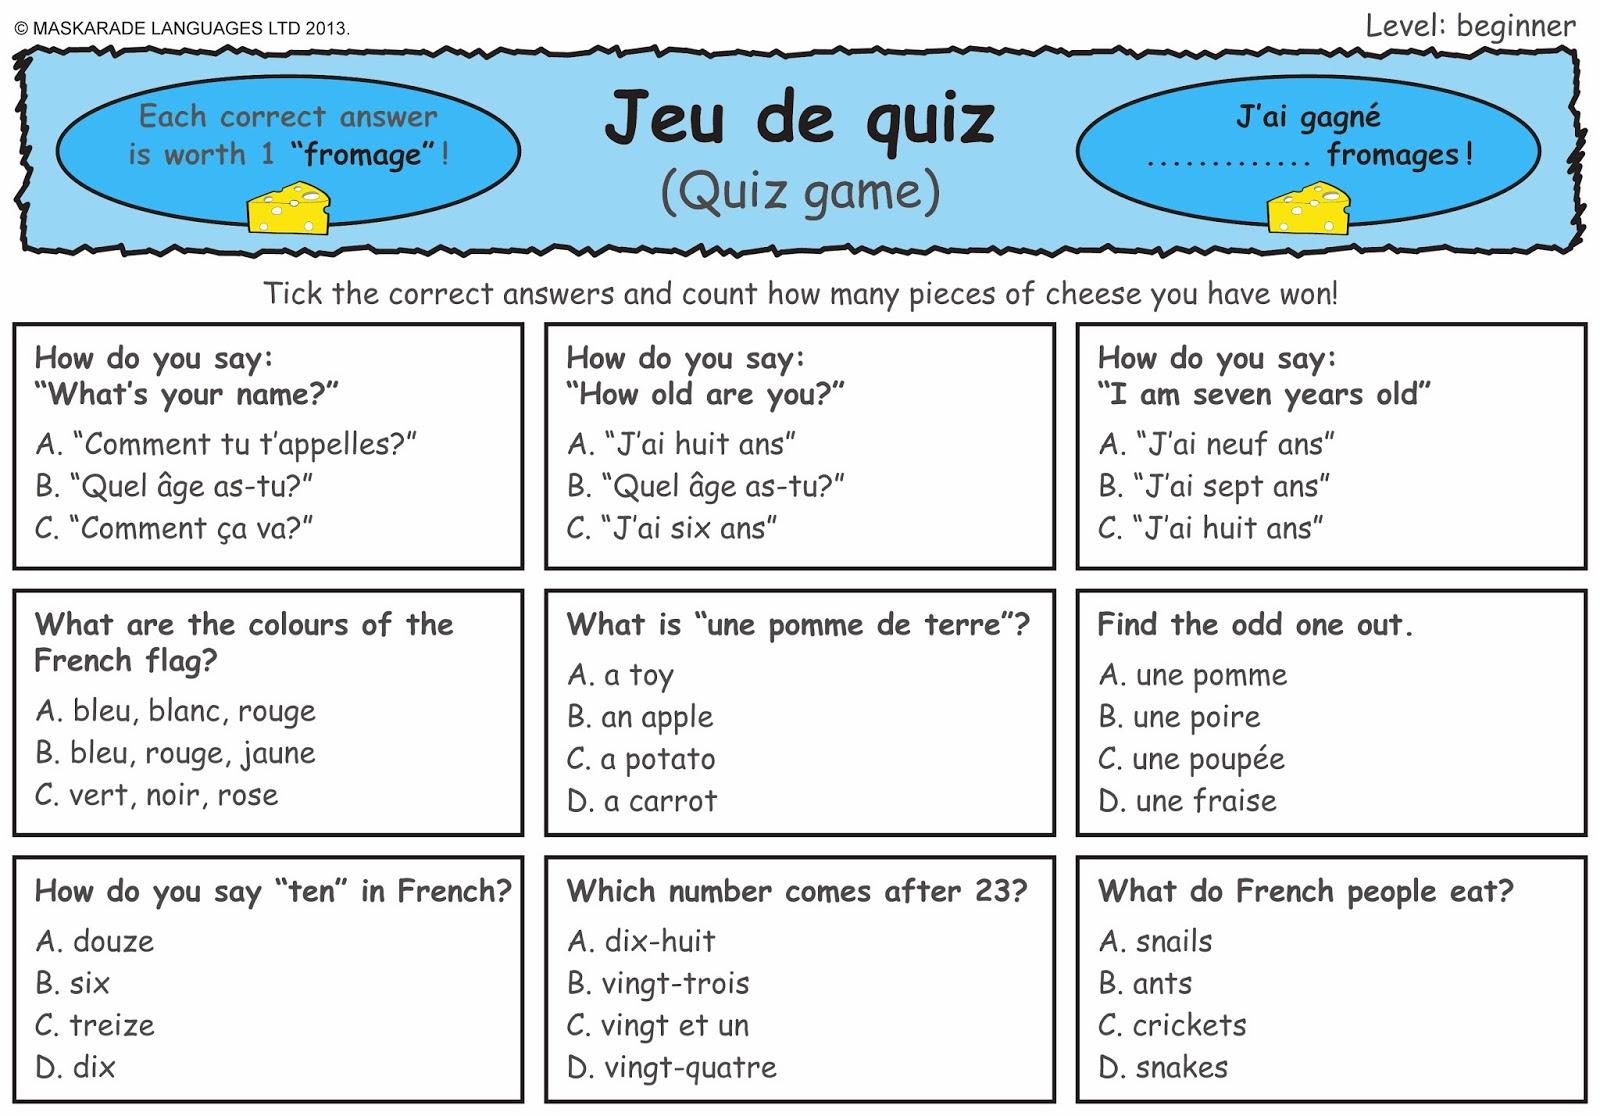 maskarade languages french quiz level beginner. Black Bedroom Furniture Sets. Home Design Ideas